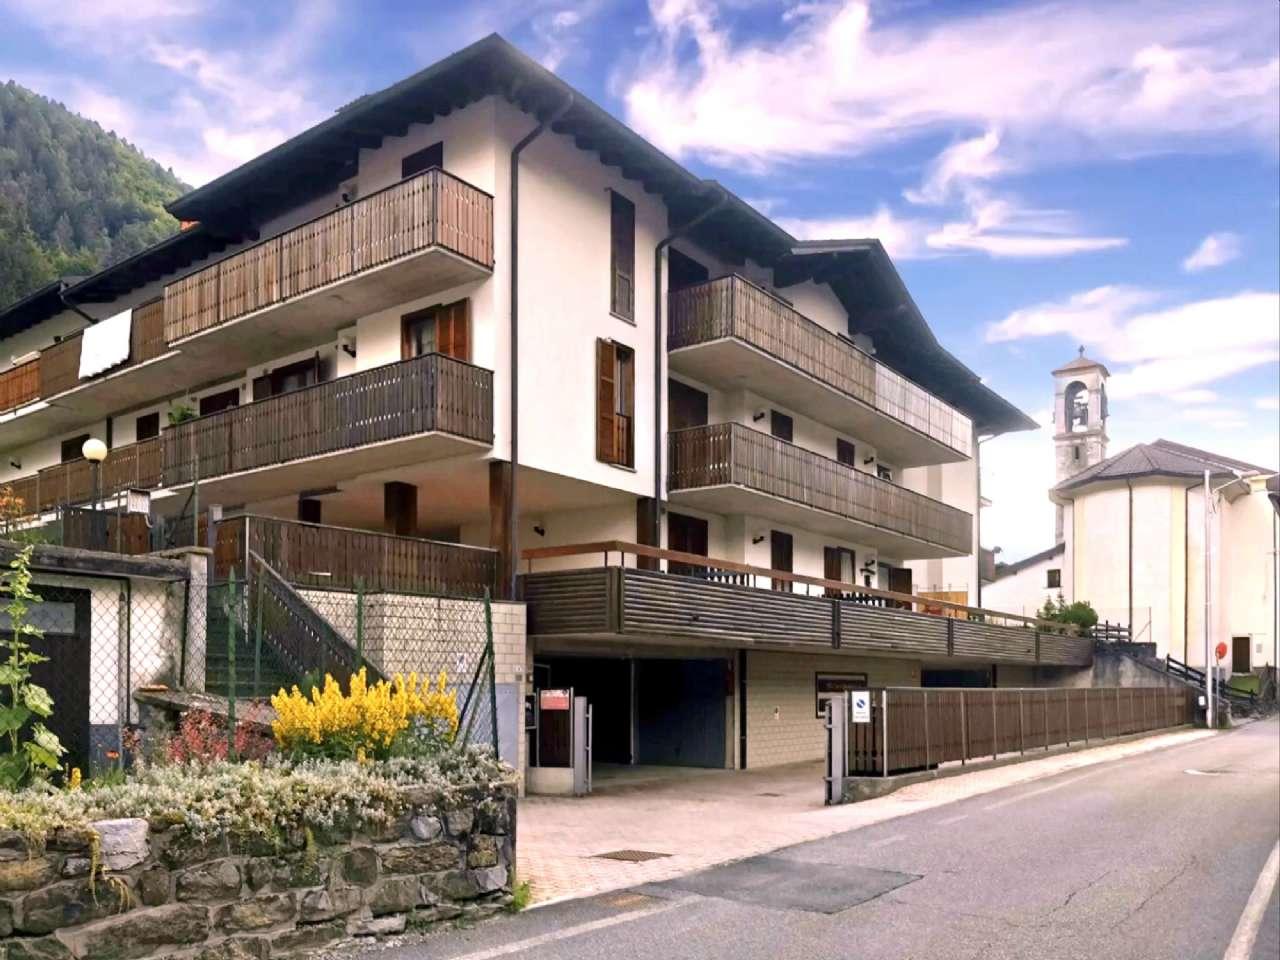 Appartamento in vendita a Schilpario, 2 locali, prezzo € 50.000 | CambioCasa.it